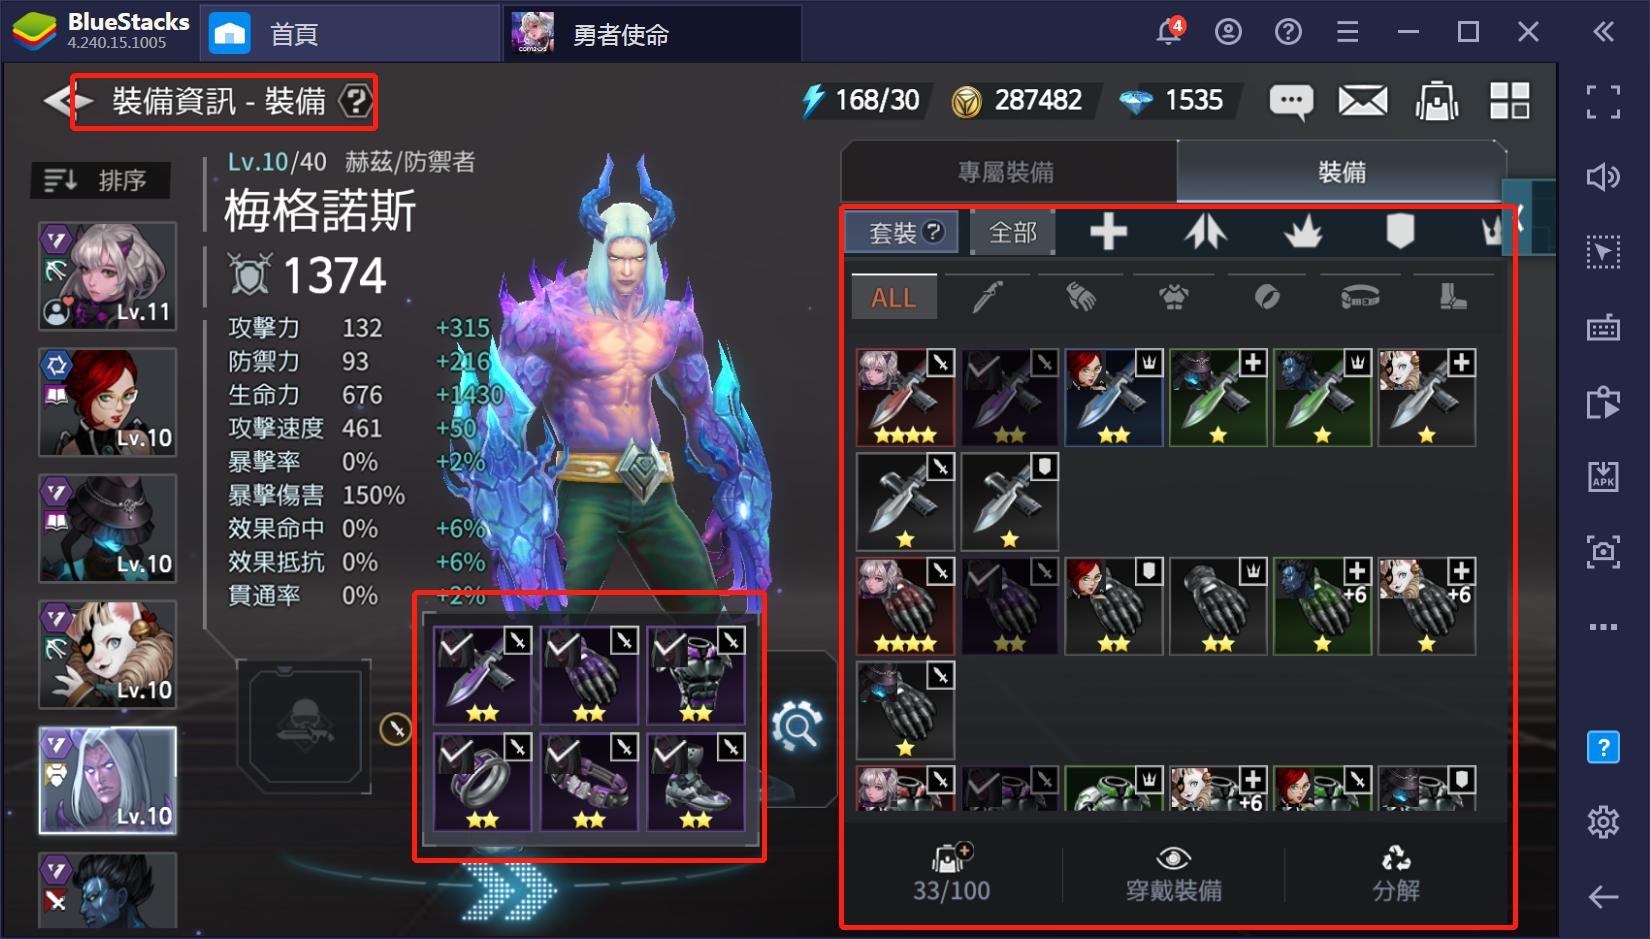 使用BlueStacks在PC上遊玩末日風策略 RPG手遊《勇者使命:全面反擊》